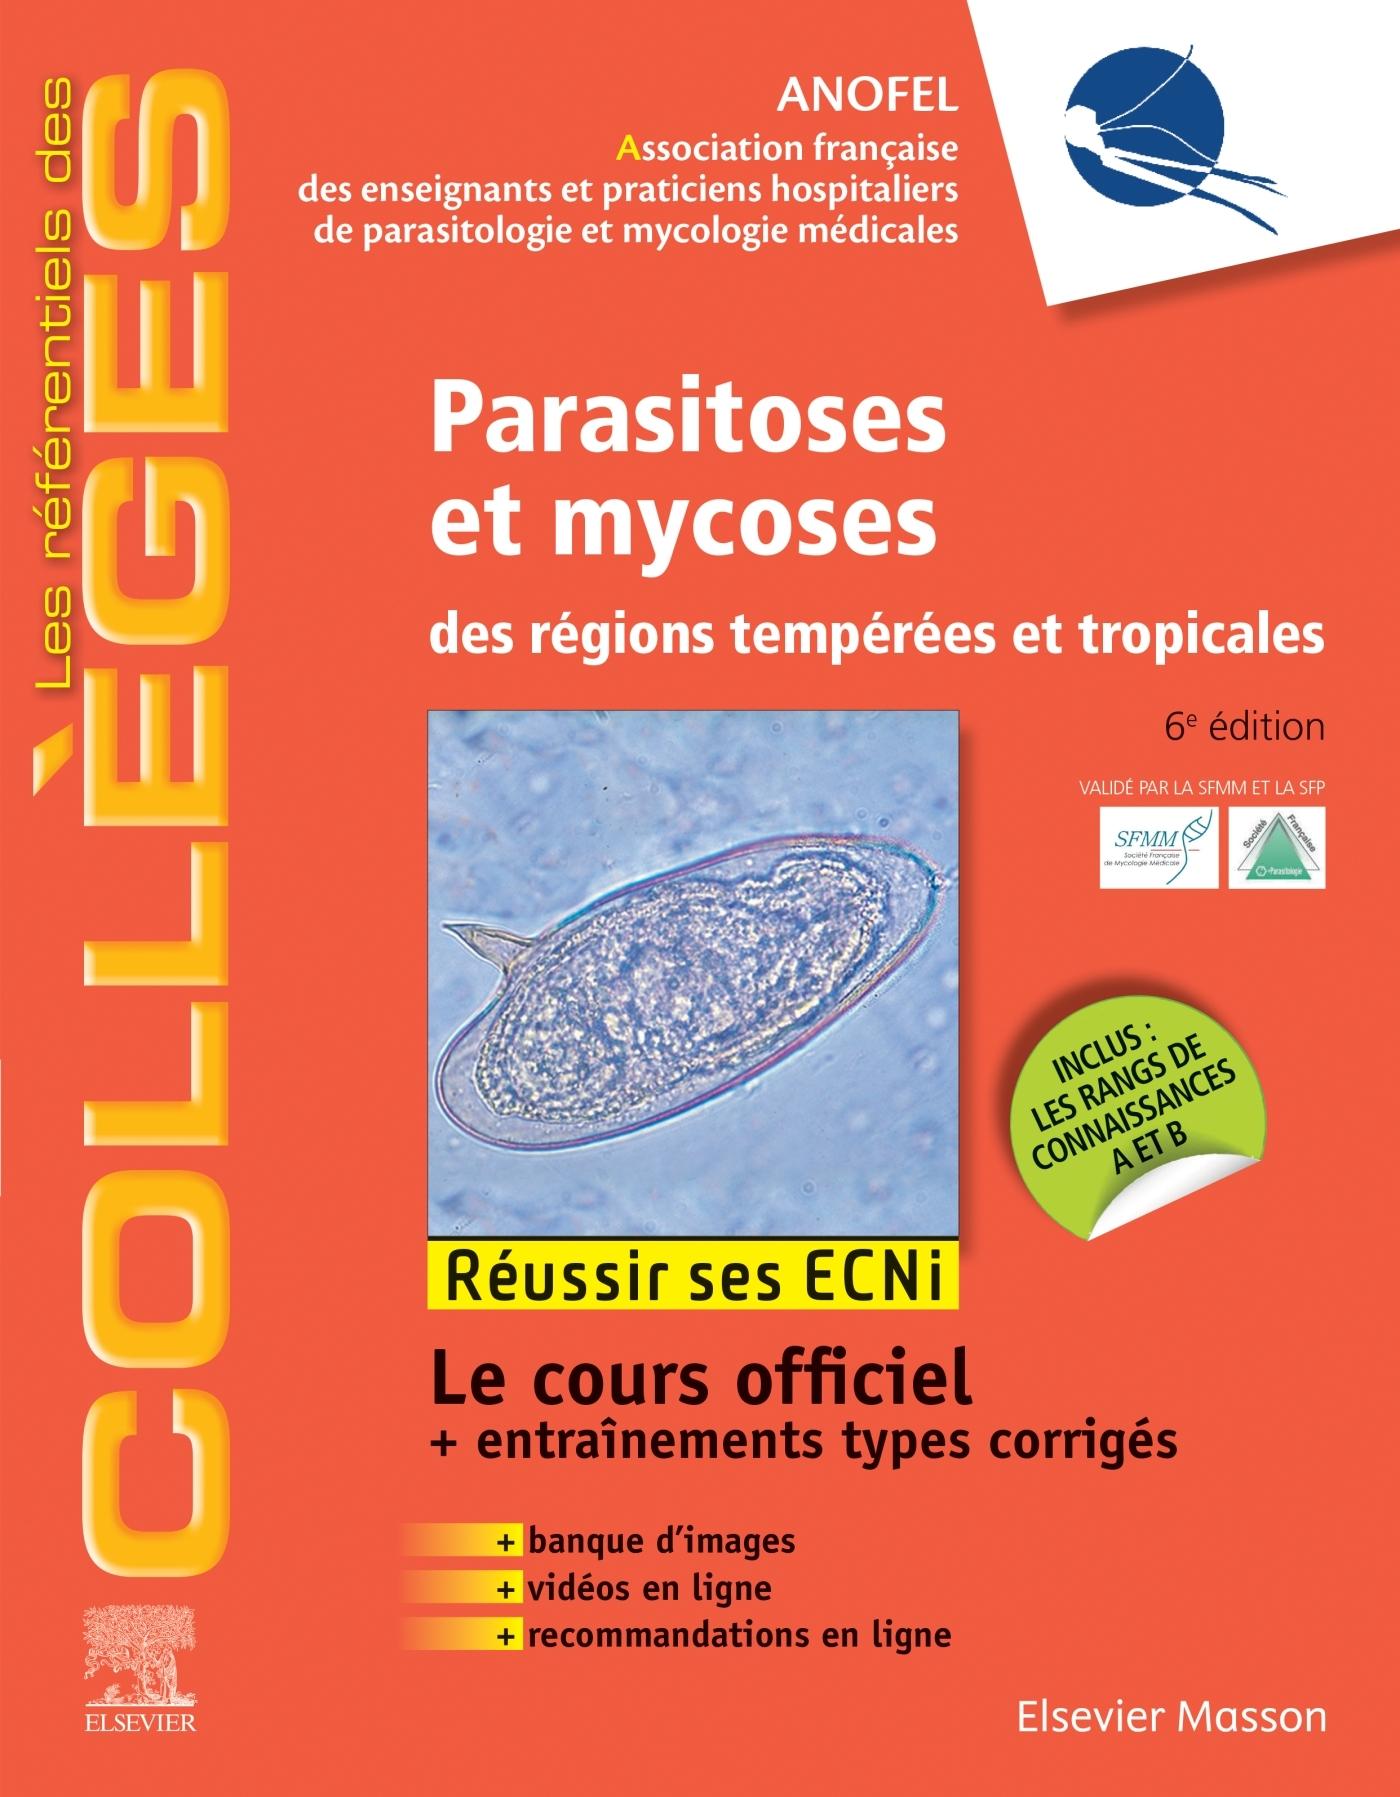 PARASITOSES ET MYCOSES - DES REGIONS TEMPEREES ET TROPICALES ; REUSSIR LES ECNI